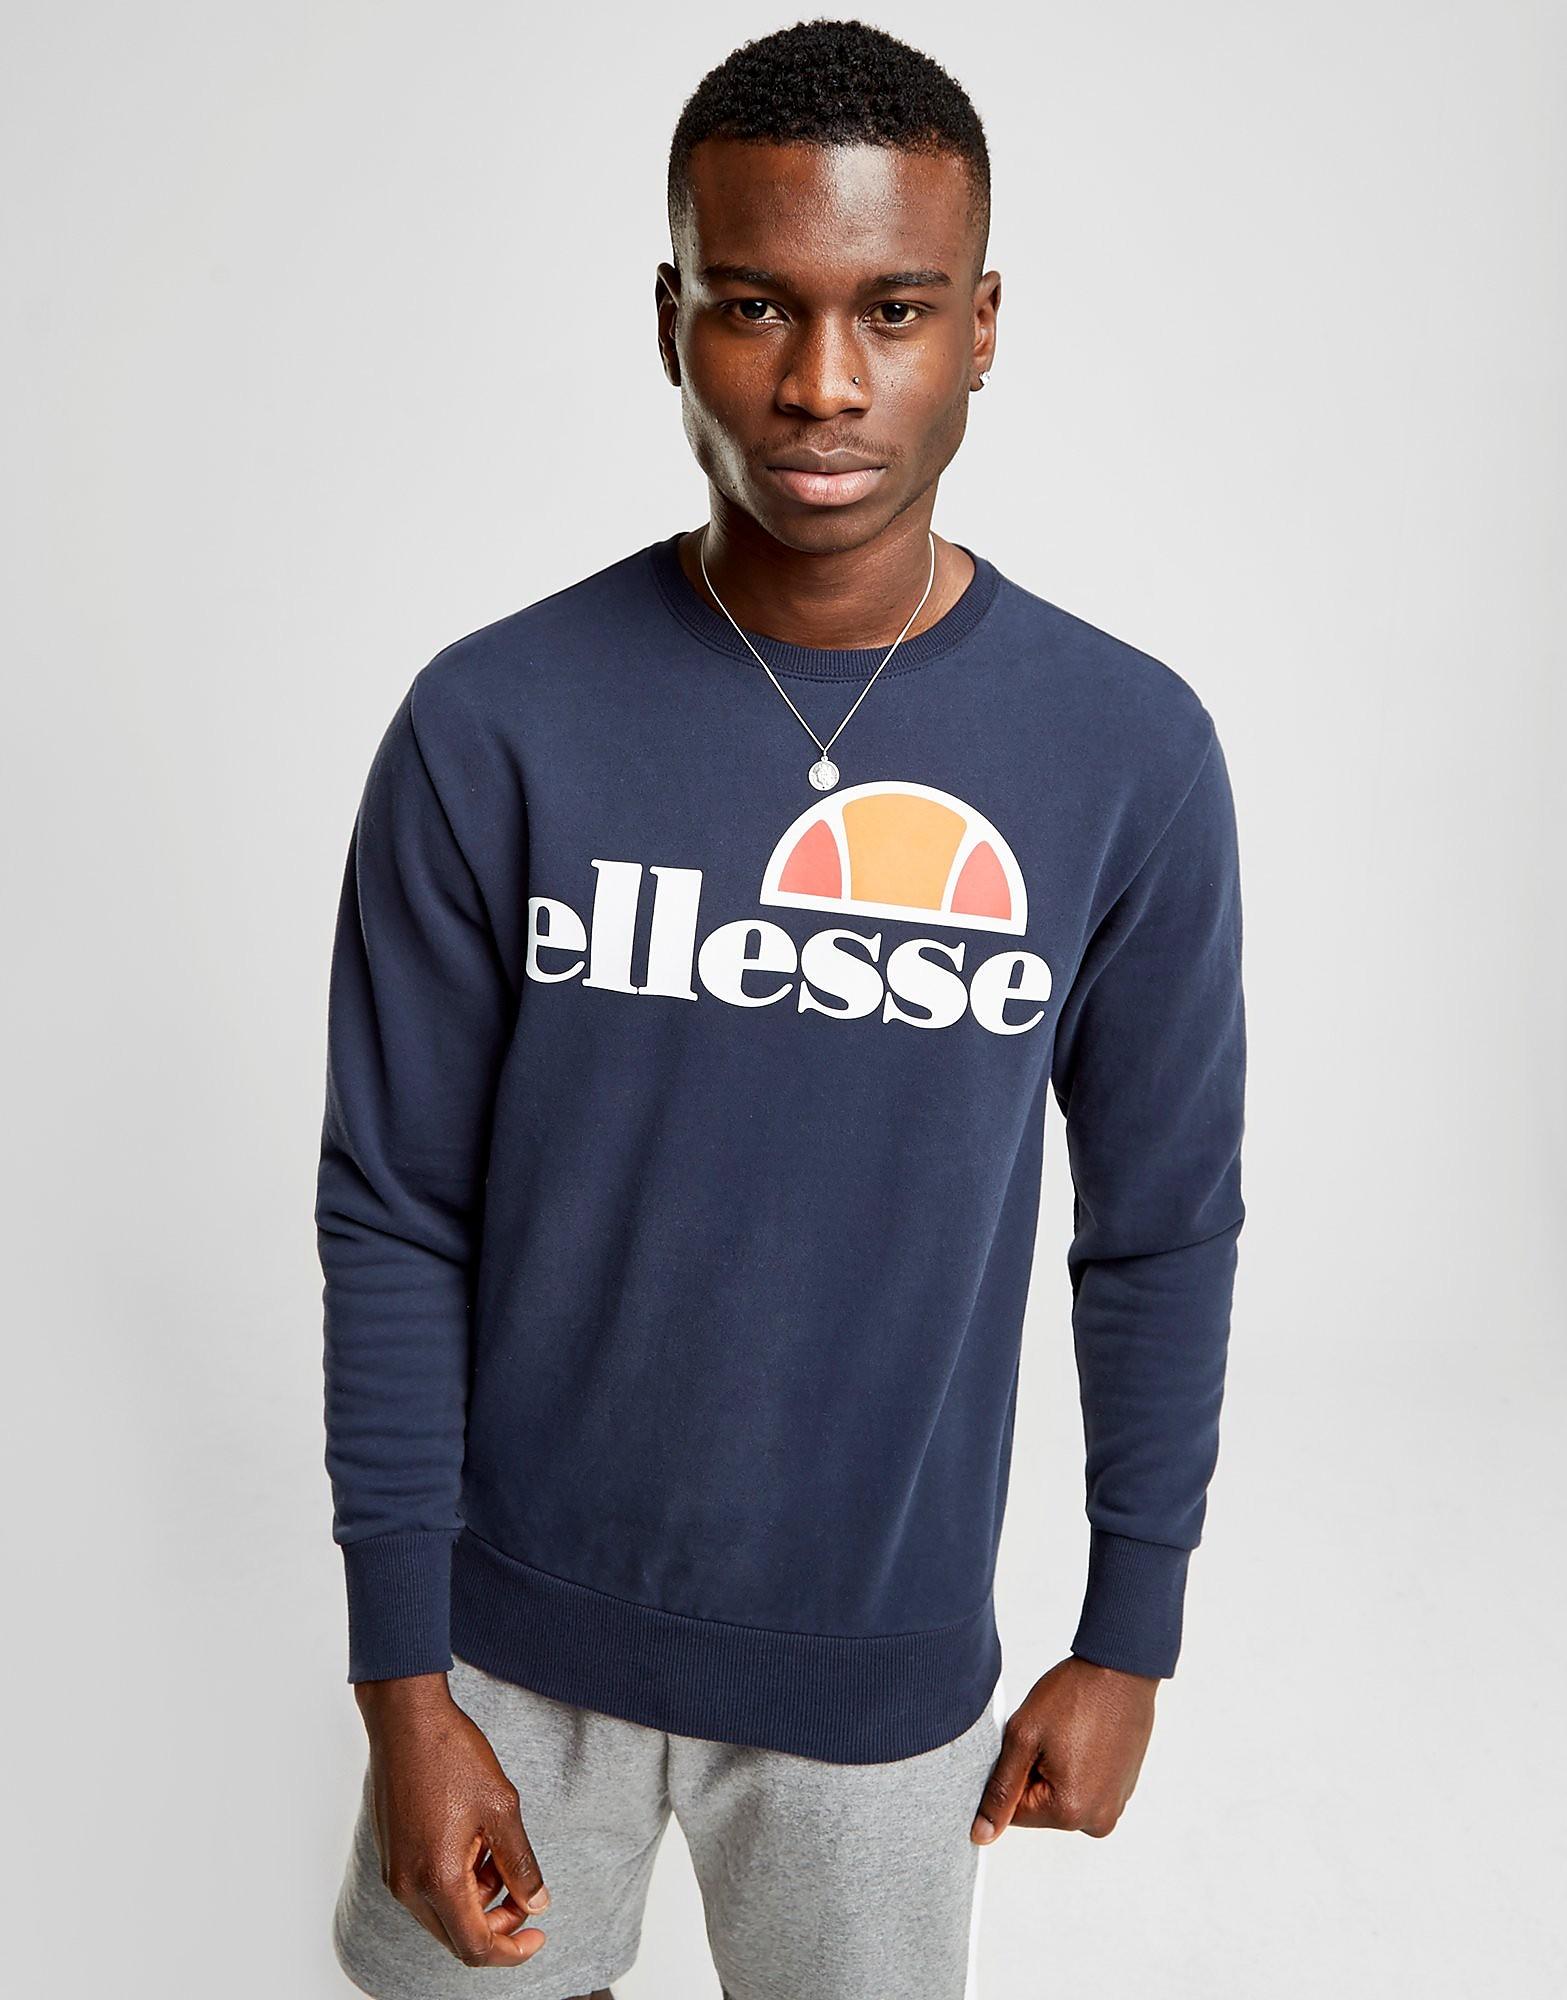 Ellesse Succiso Crew Sweatshirt